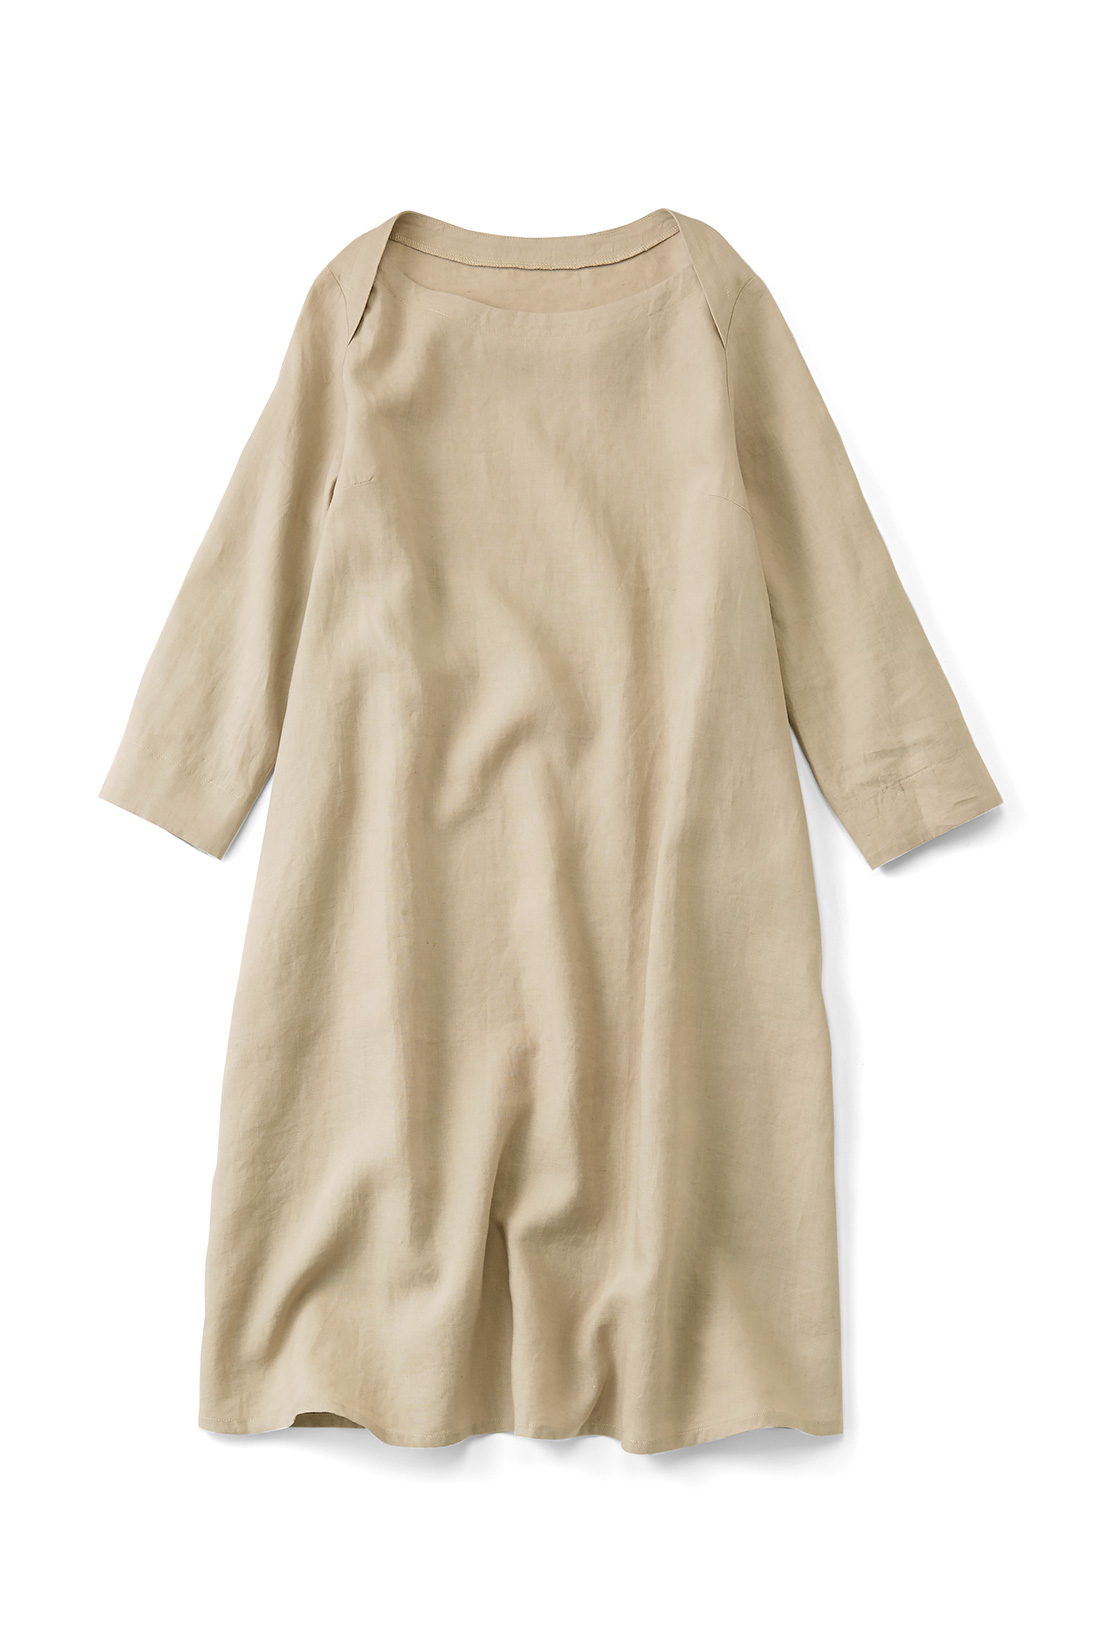 インにTシャツを着たり、オールシーズン大活躍。衿ぐりのデザインも素敵でしょ。